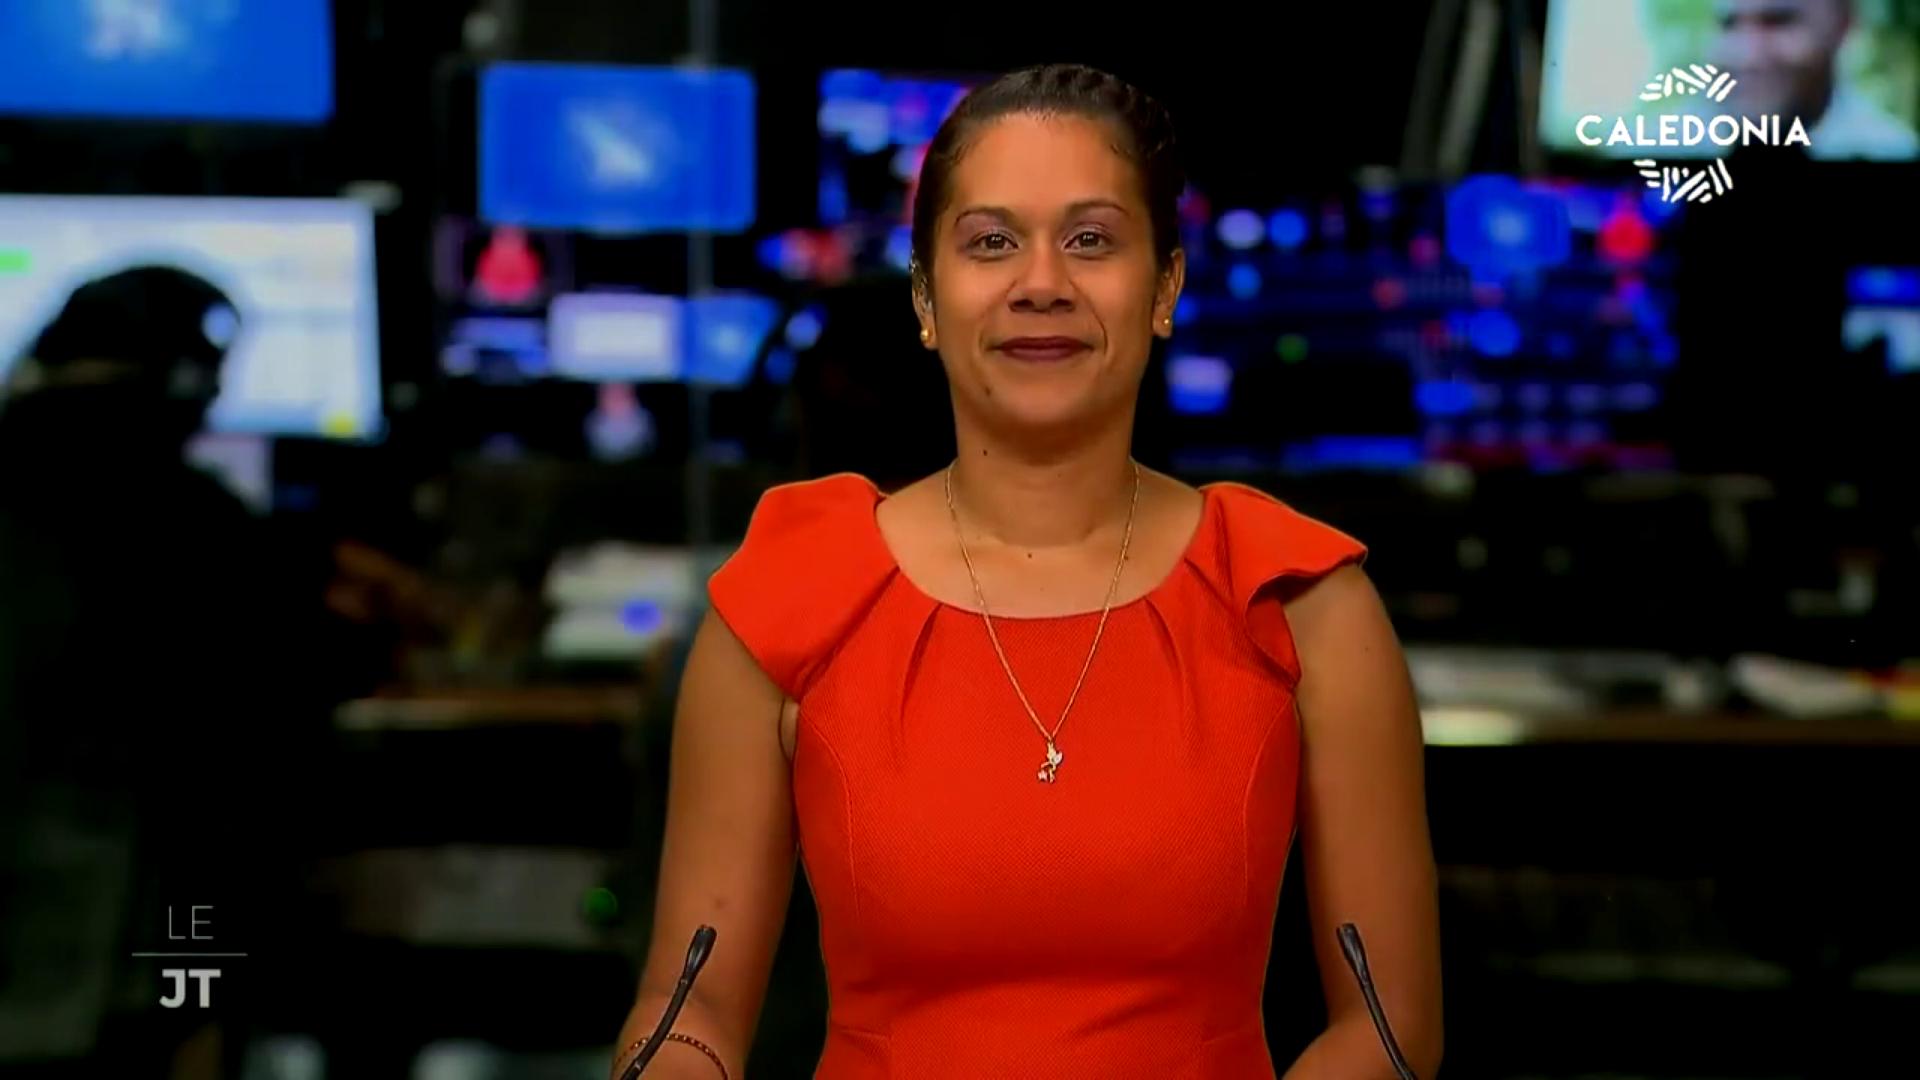 [Vidéo] Onews Nouvelle Calédonie. le Jt de Caledonia